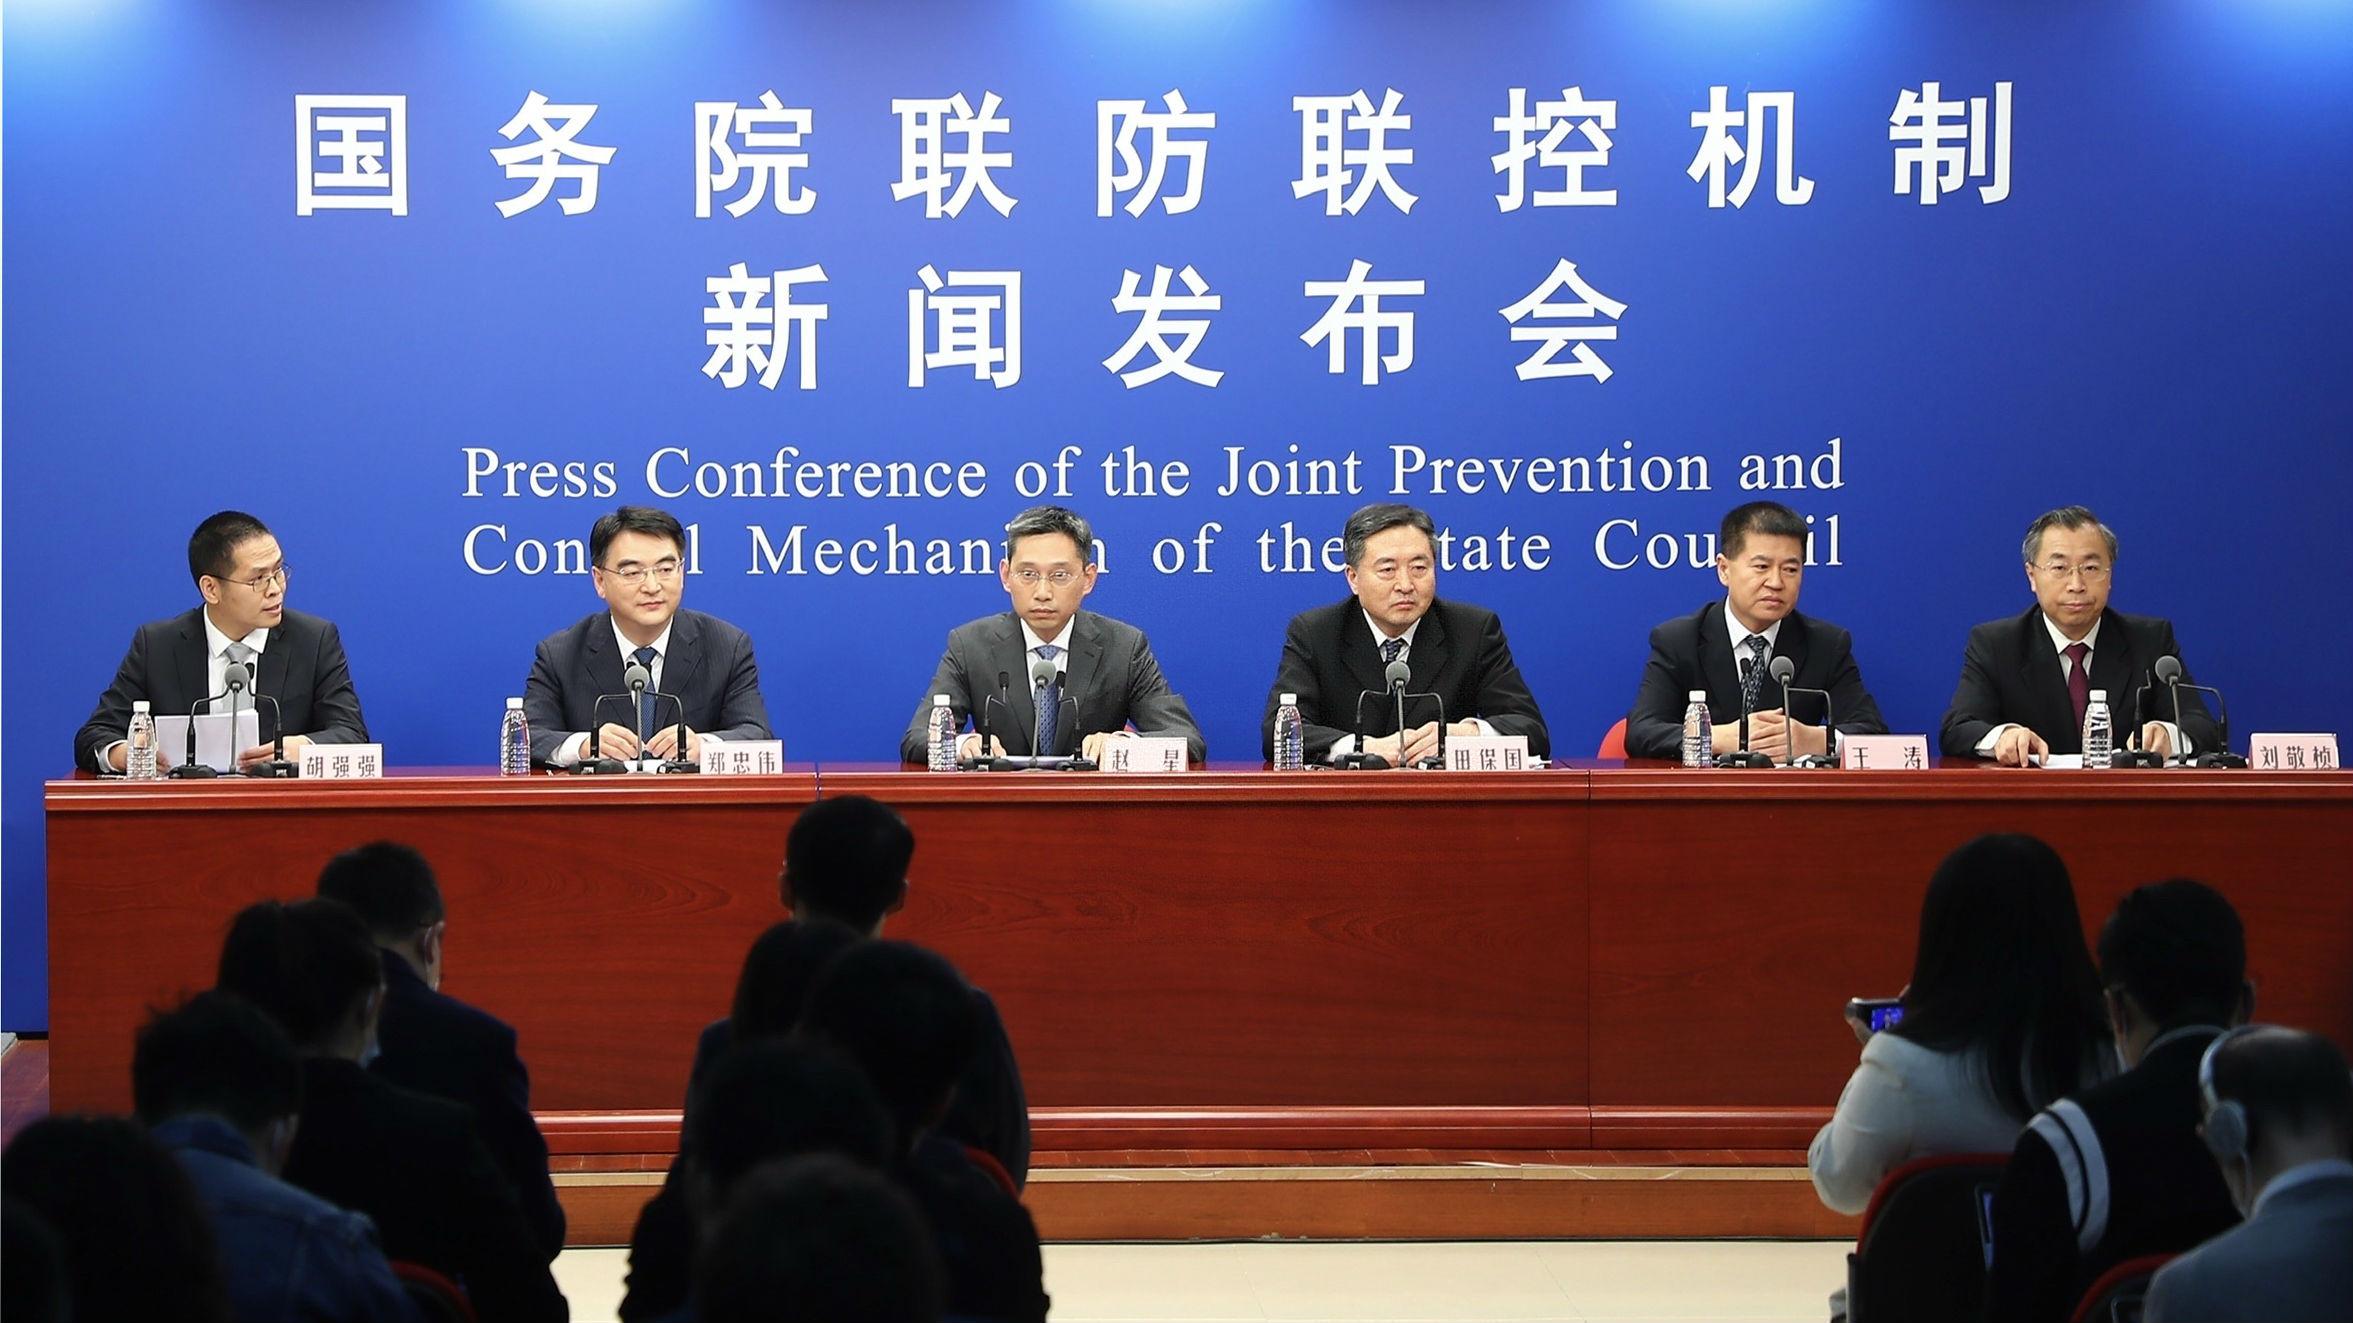 外媒关注中国4个疫苗进入临床三期:未收到严重不良反应报告